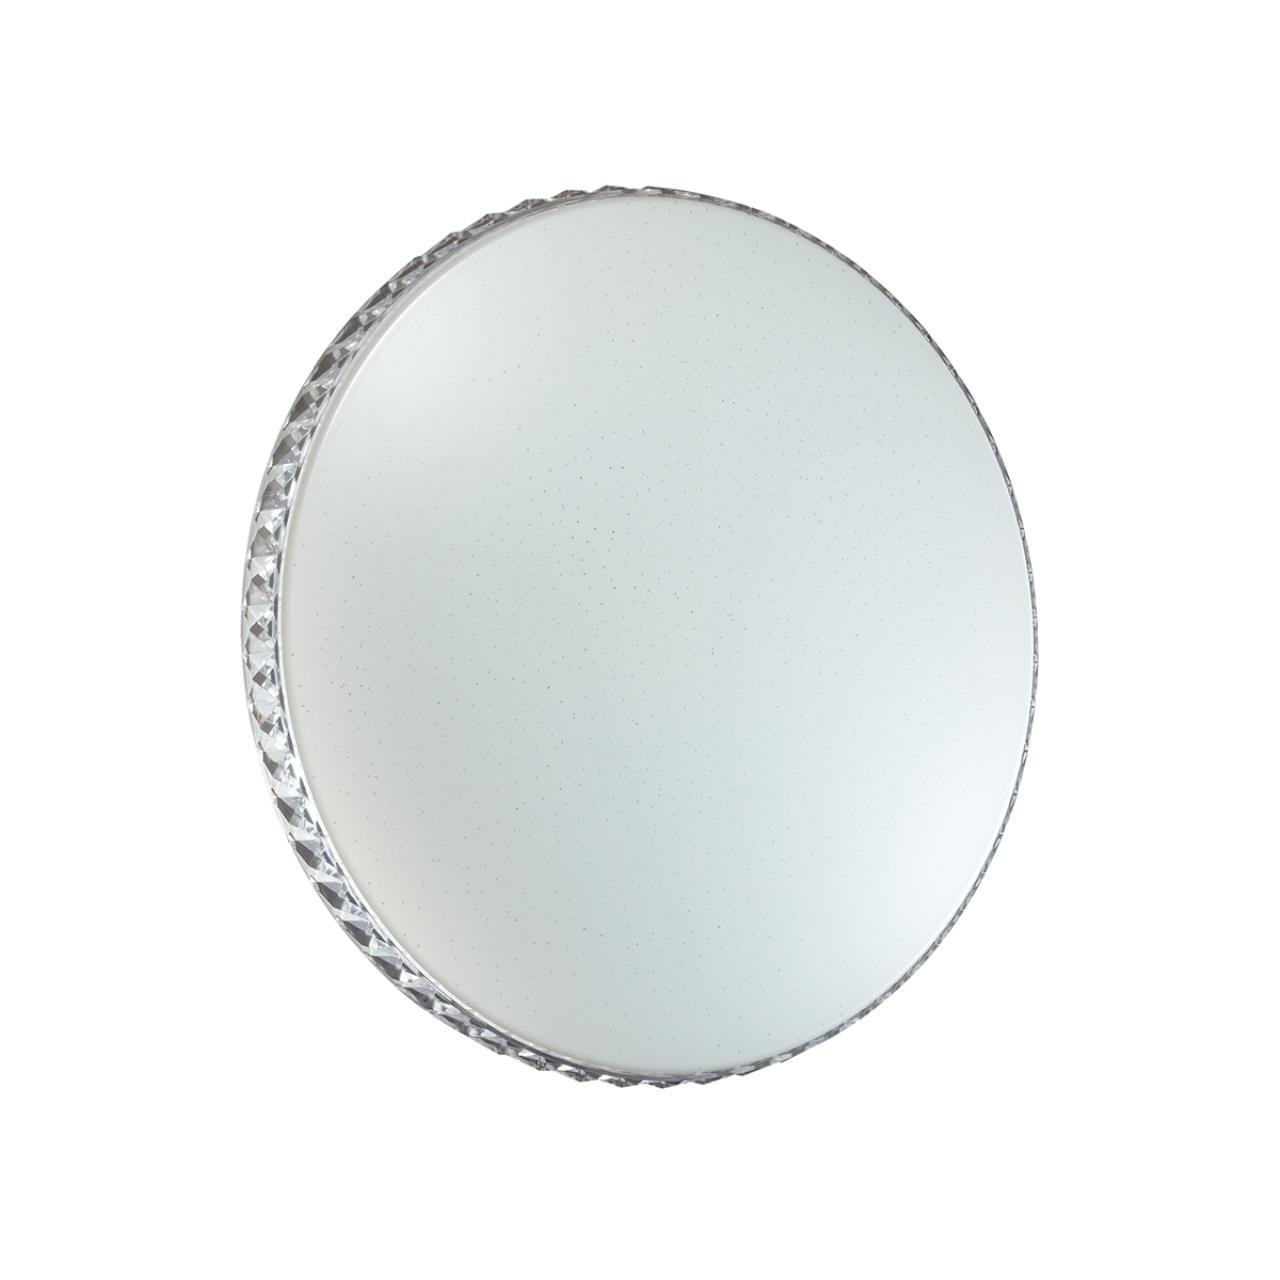 2077/EL SN 061 св-к DINA пластик LED 72Вт 3000-6000K D500 IP43 пульт ДУ